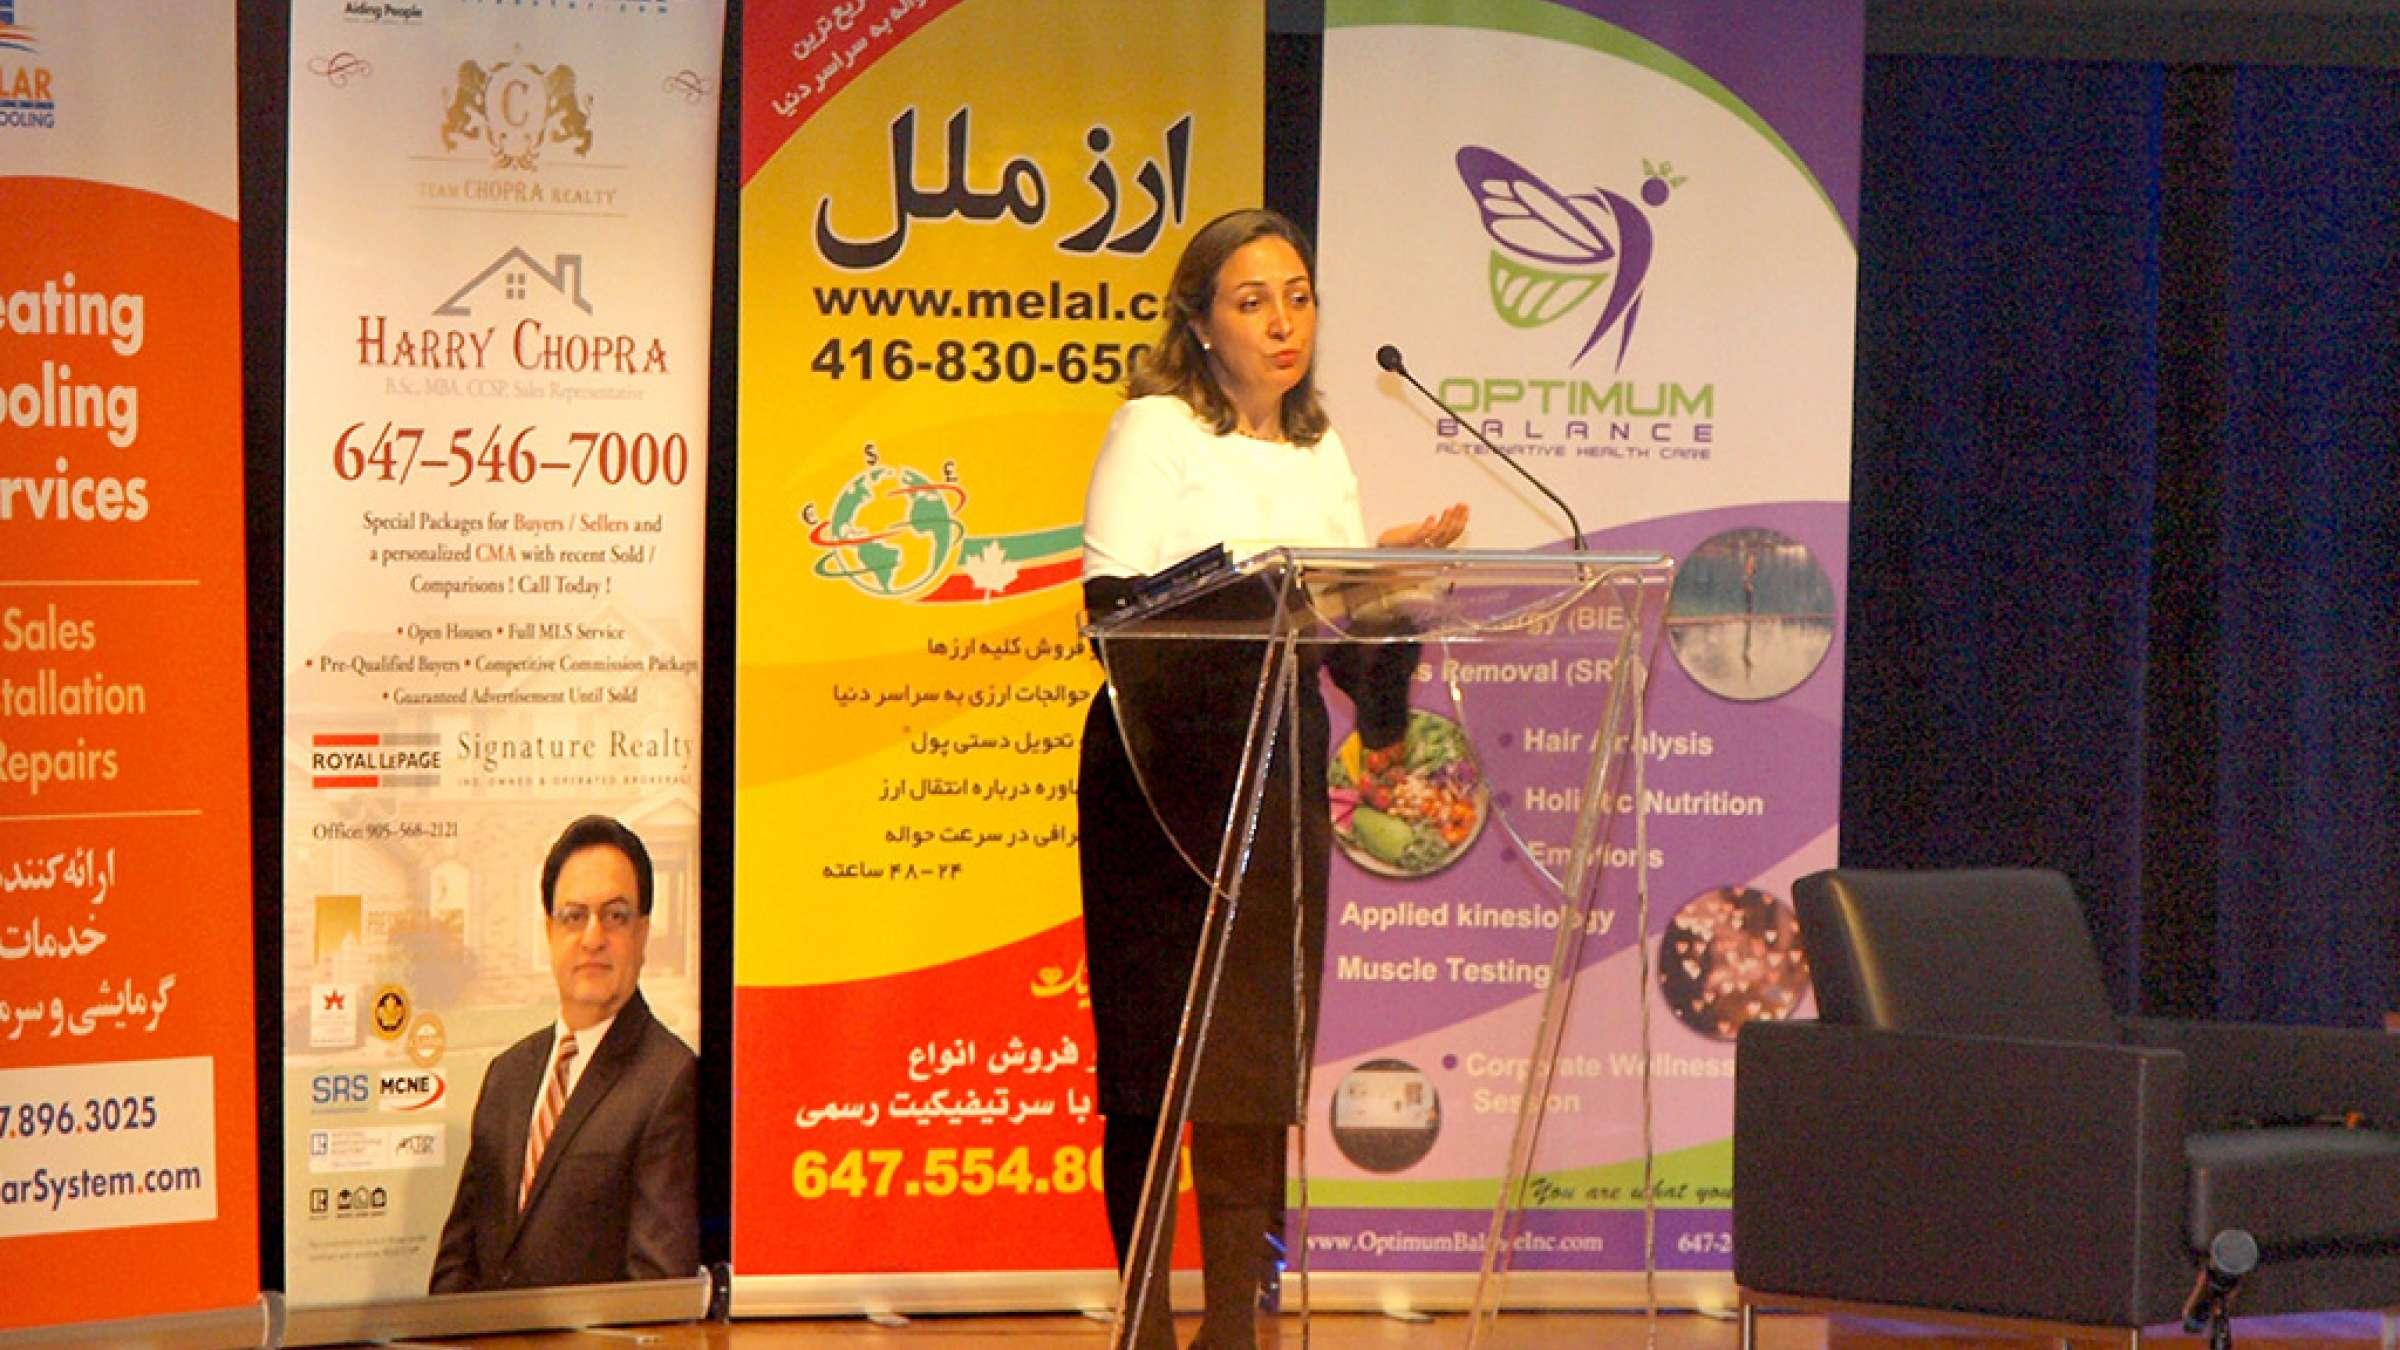 گزارش-روز-برگزاری-بزرگترین-سمینار-سرطان-ایرانیان-در-کانادا-هنگامه-جولایی